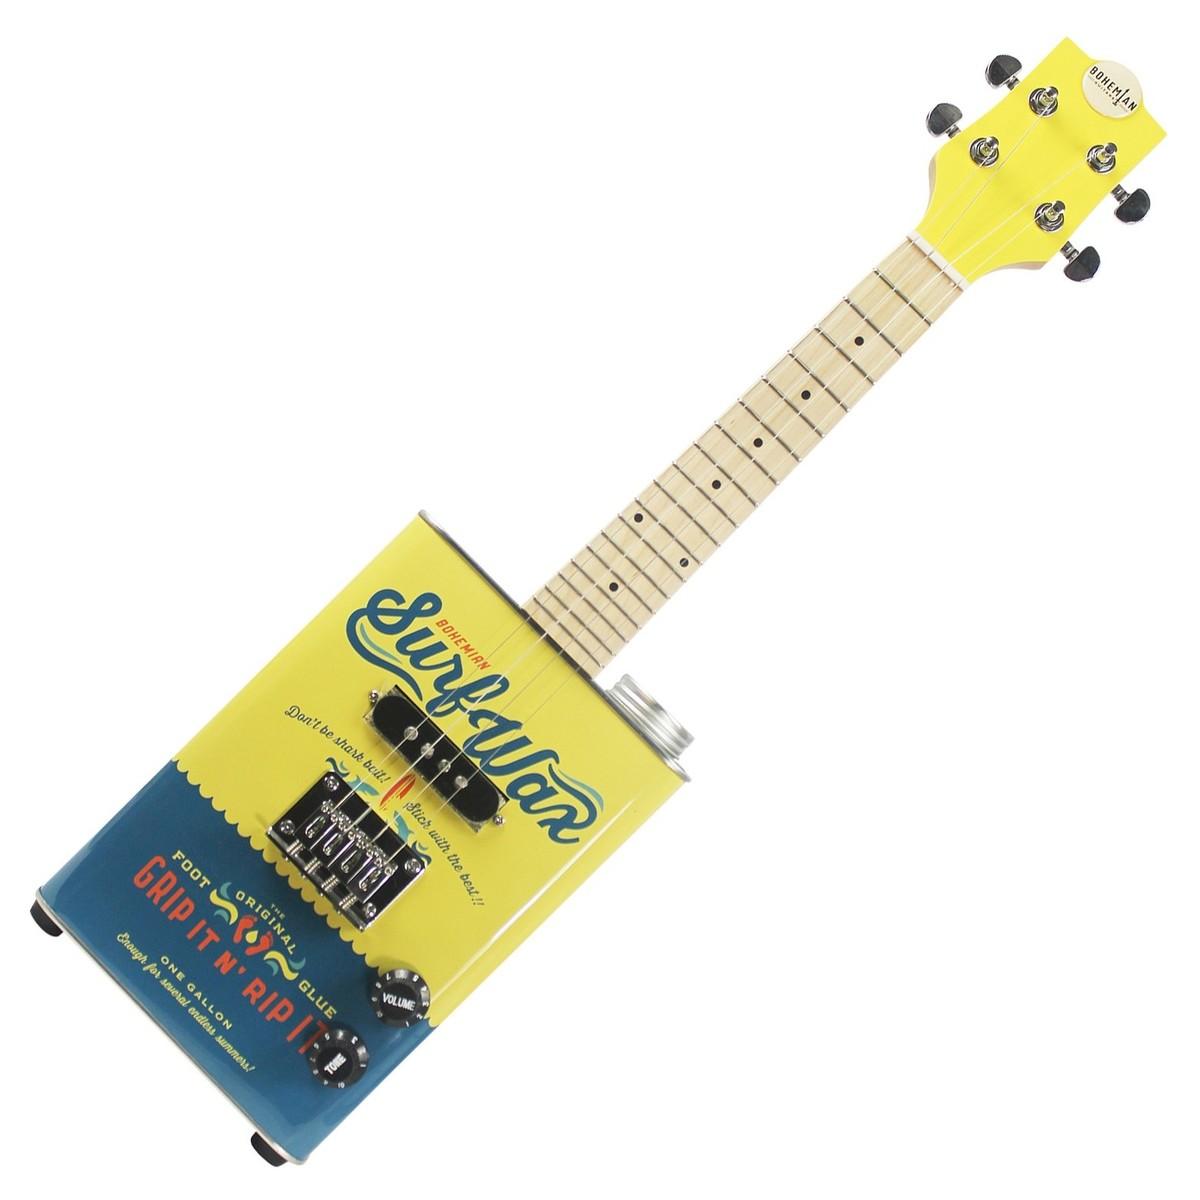 ساز گیتار روغن دانی